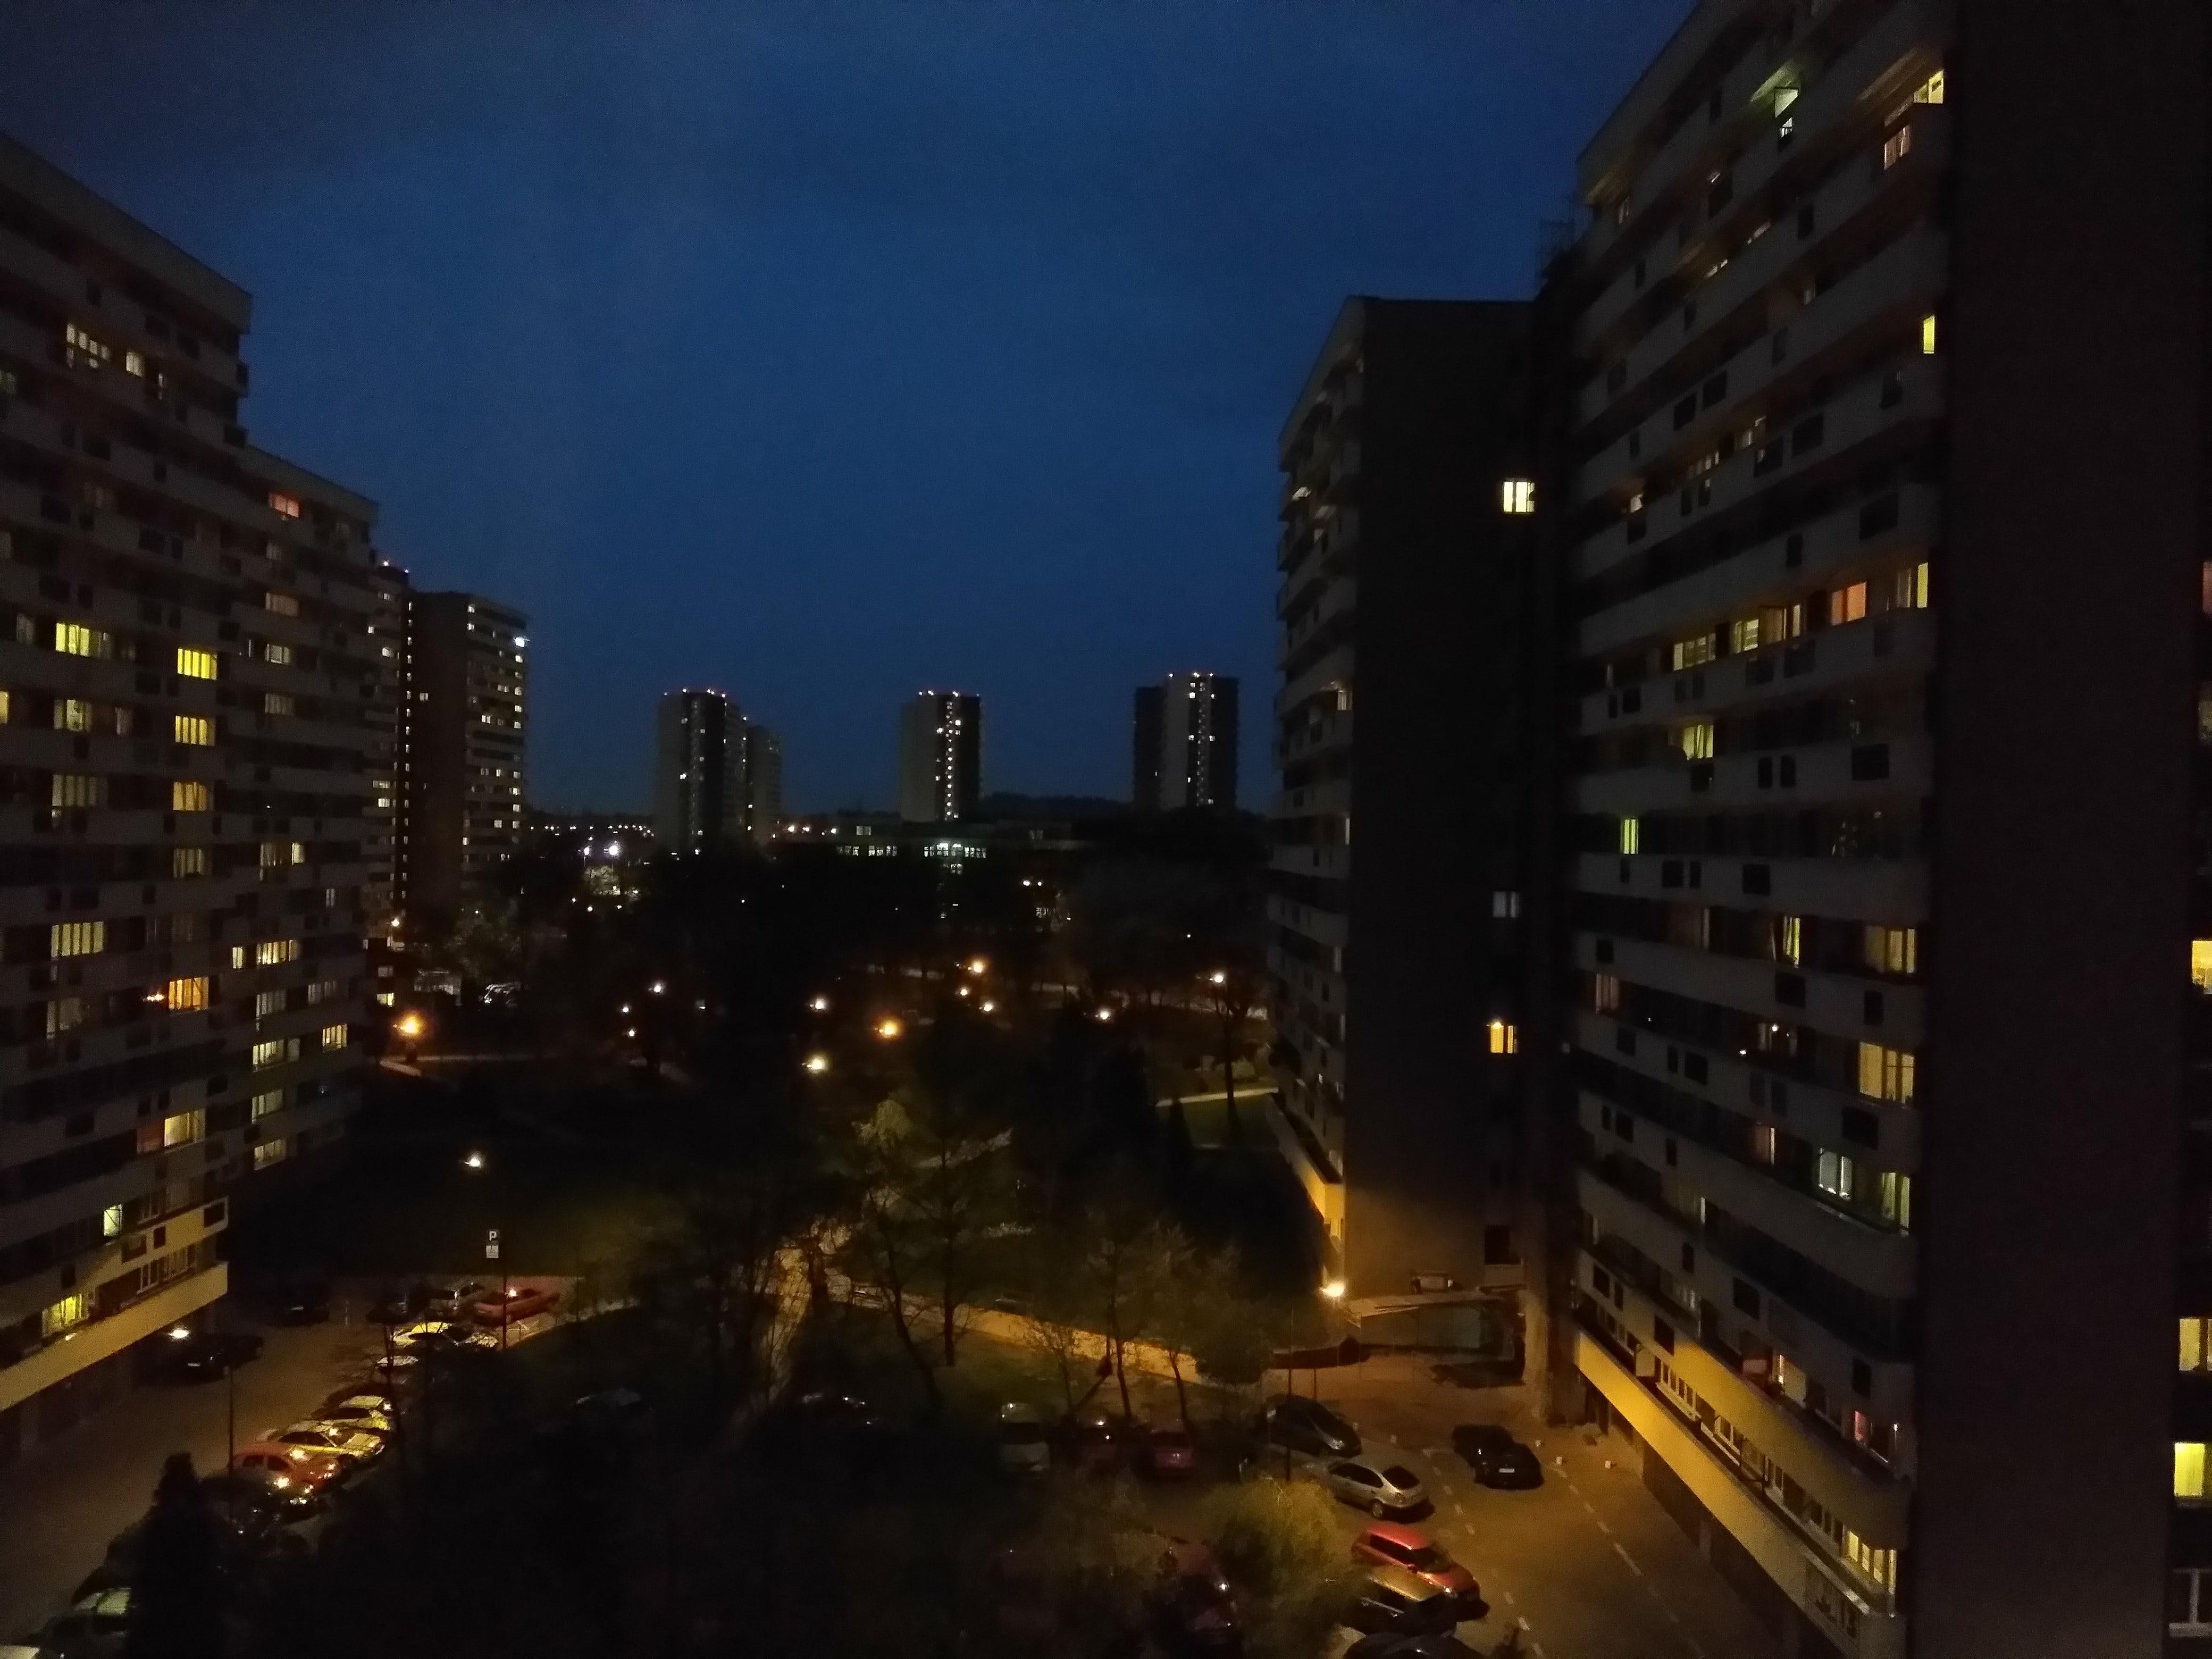 Zdjęcia nocne - ZTE Blade V8